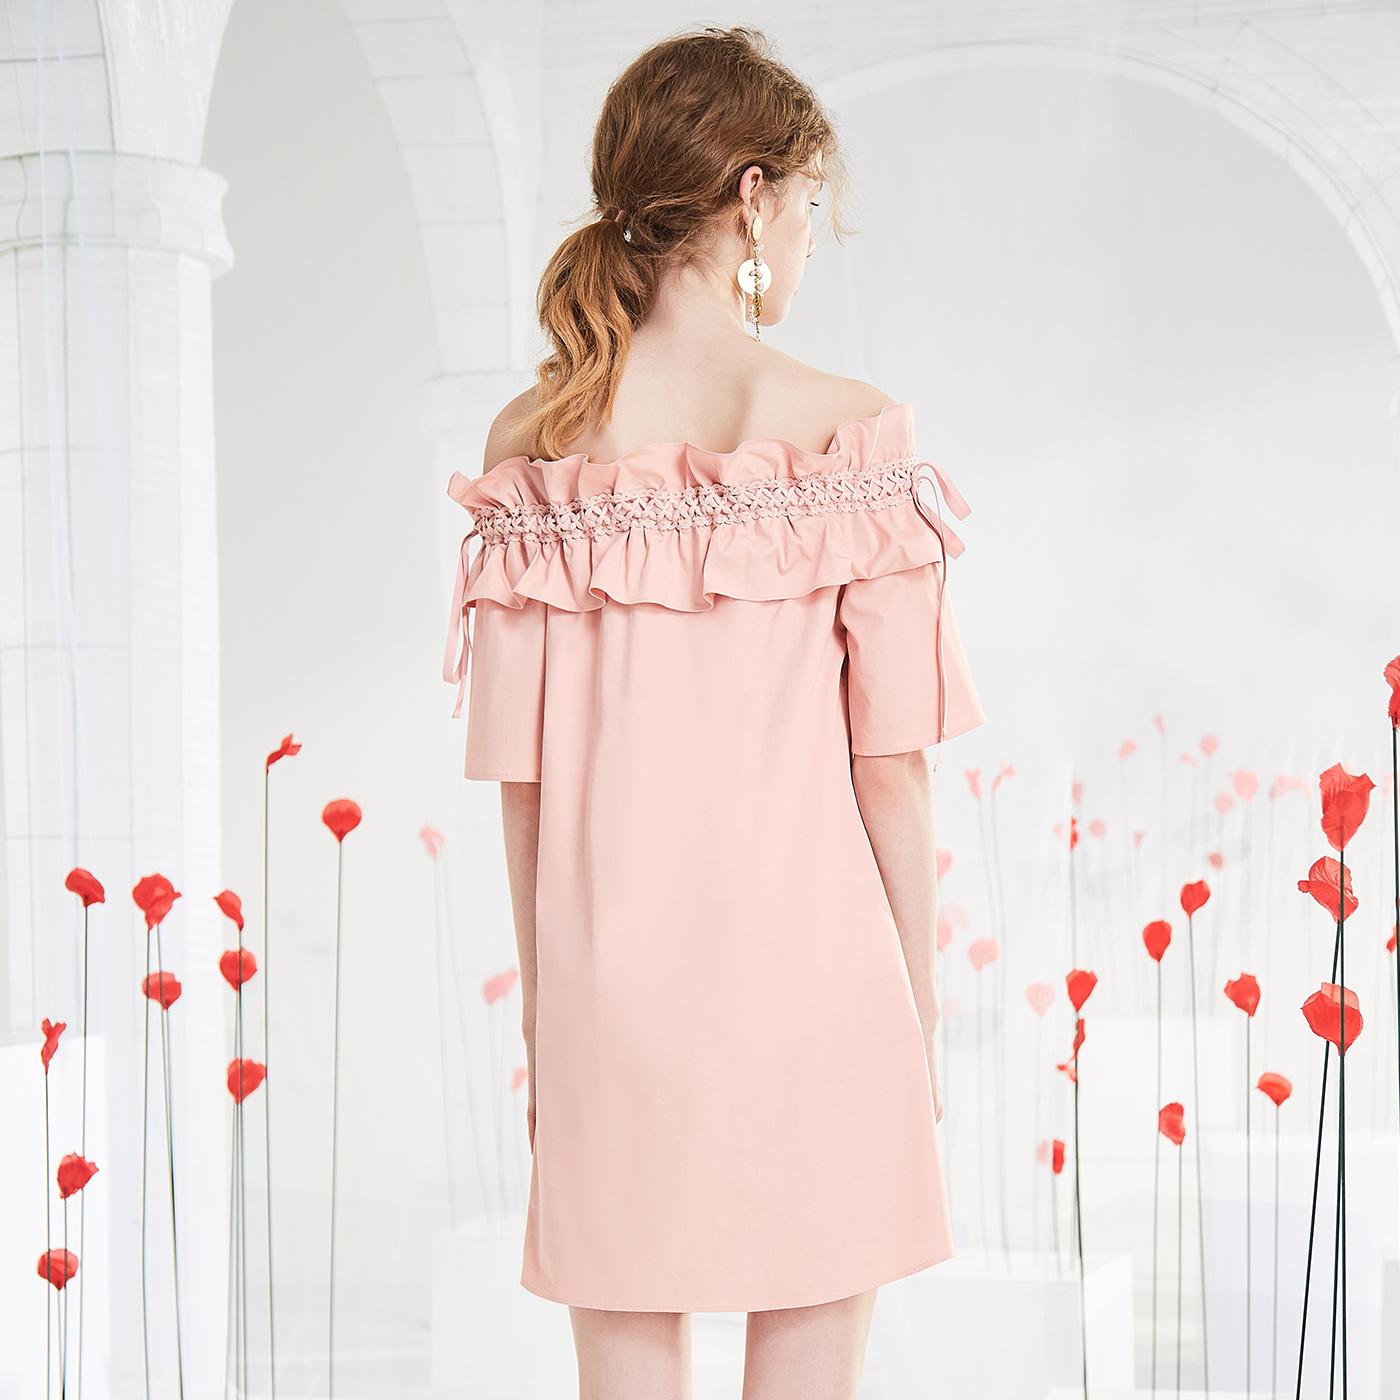 糖力2018夏装新款粉色欧美短袖荷叶边绑带一字肩连衣裙女